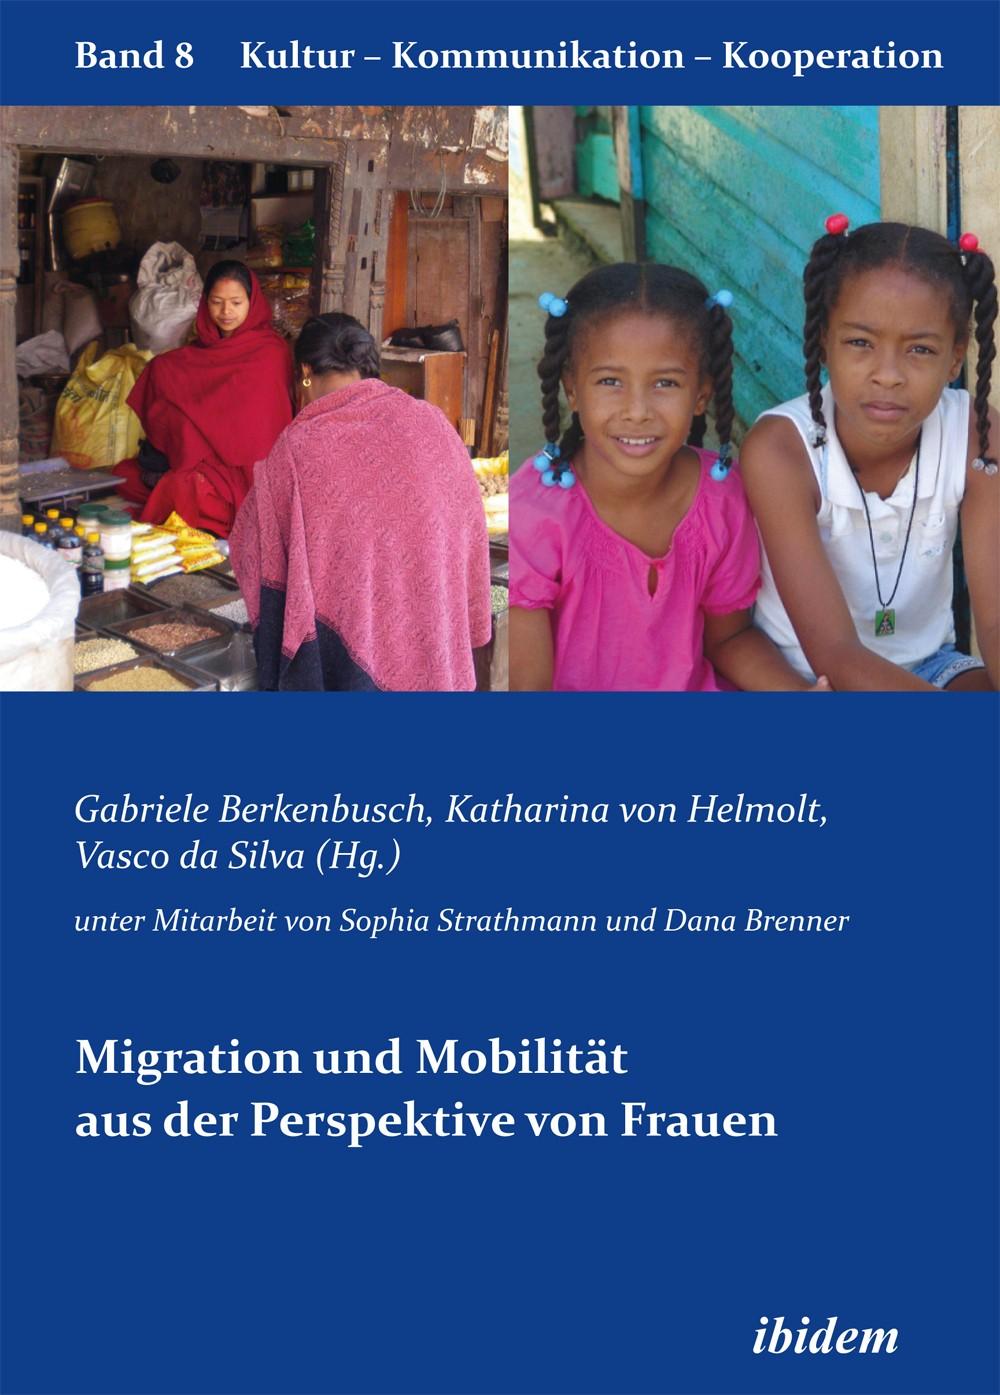 Migration und Mobilität aus der Perspektive von Frauen